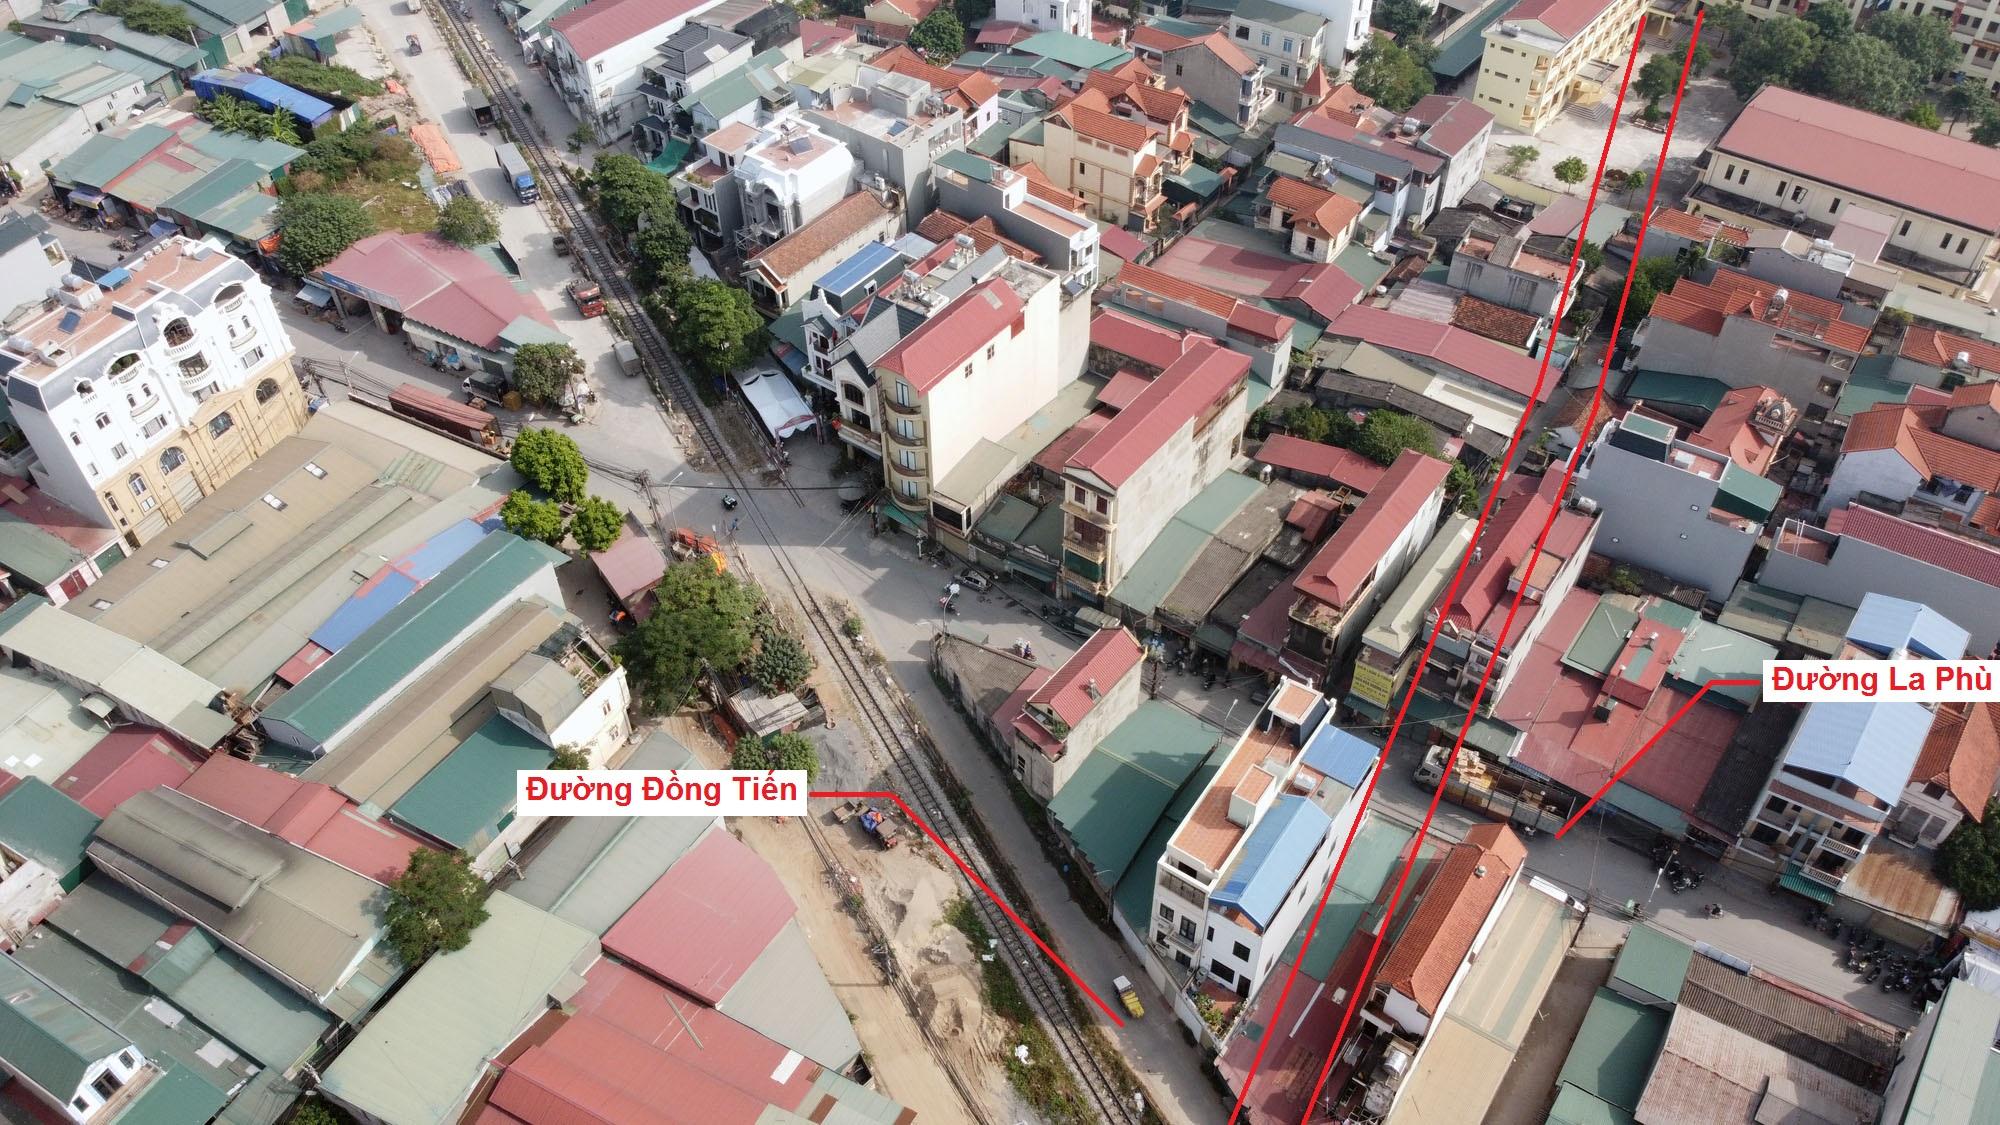 Ba đường sẽ mở theo qui hoạch ở xã La Phù, Hoài Đức, Hà Nội - Ảnh 4.